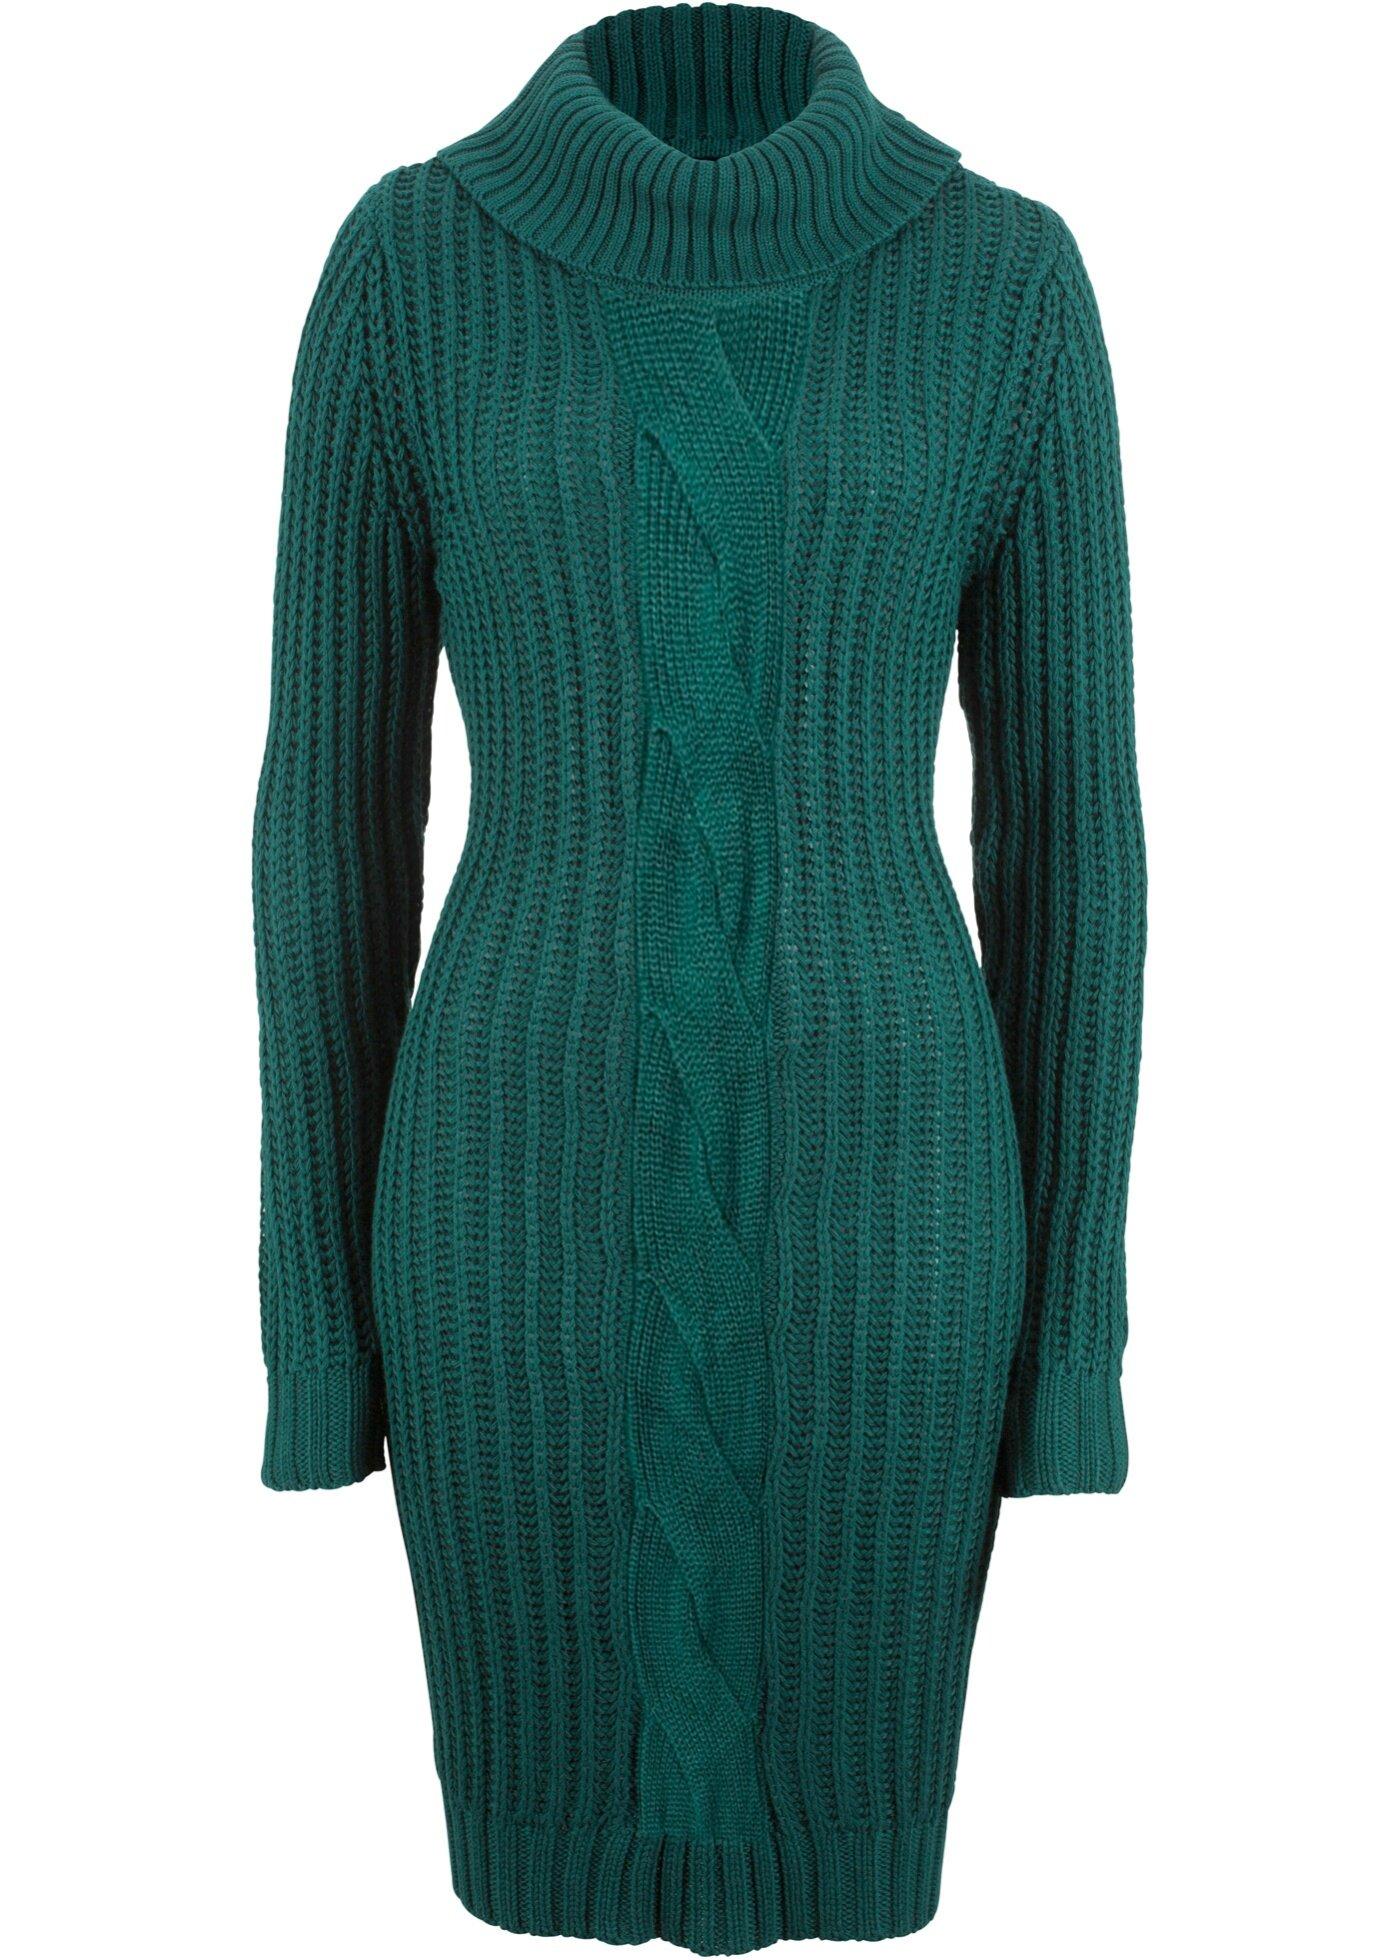 53694a7ea22 Вязаное платье с длинным рукавом купить ▽ в интернет магазине через ...